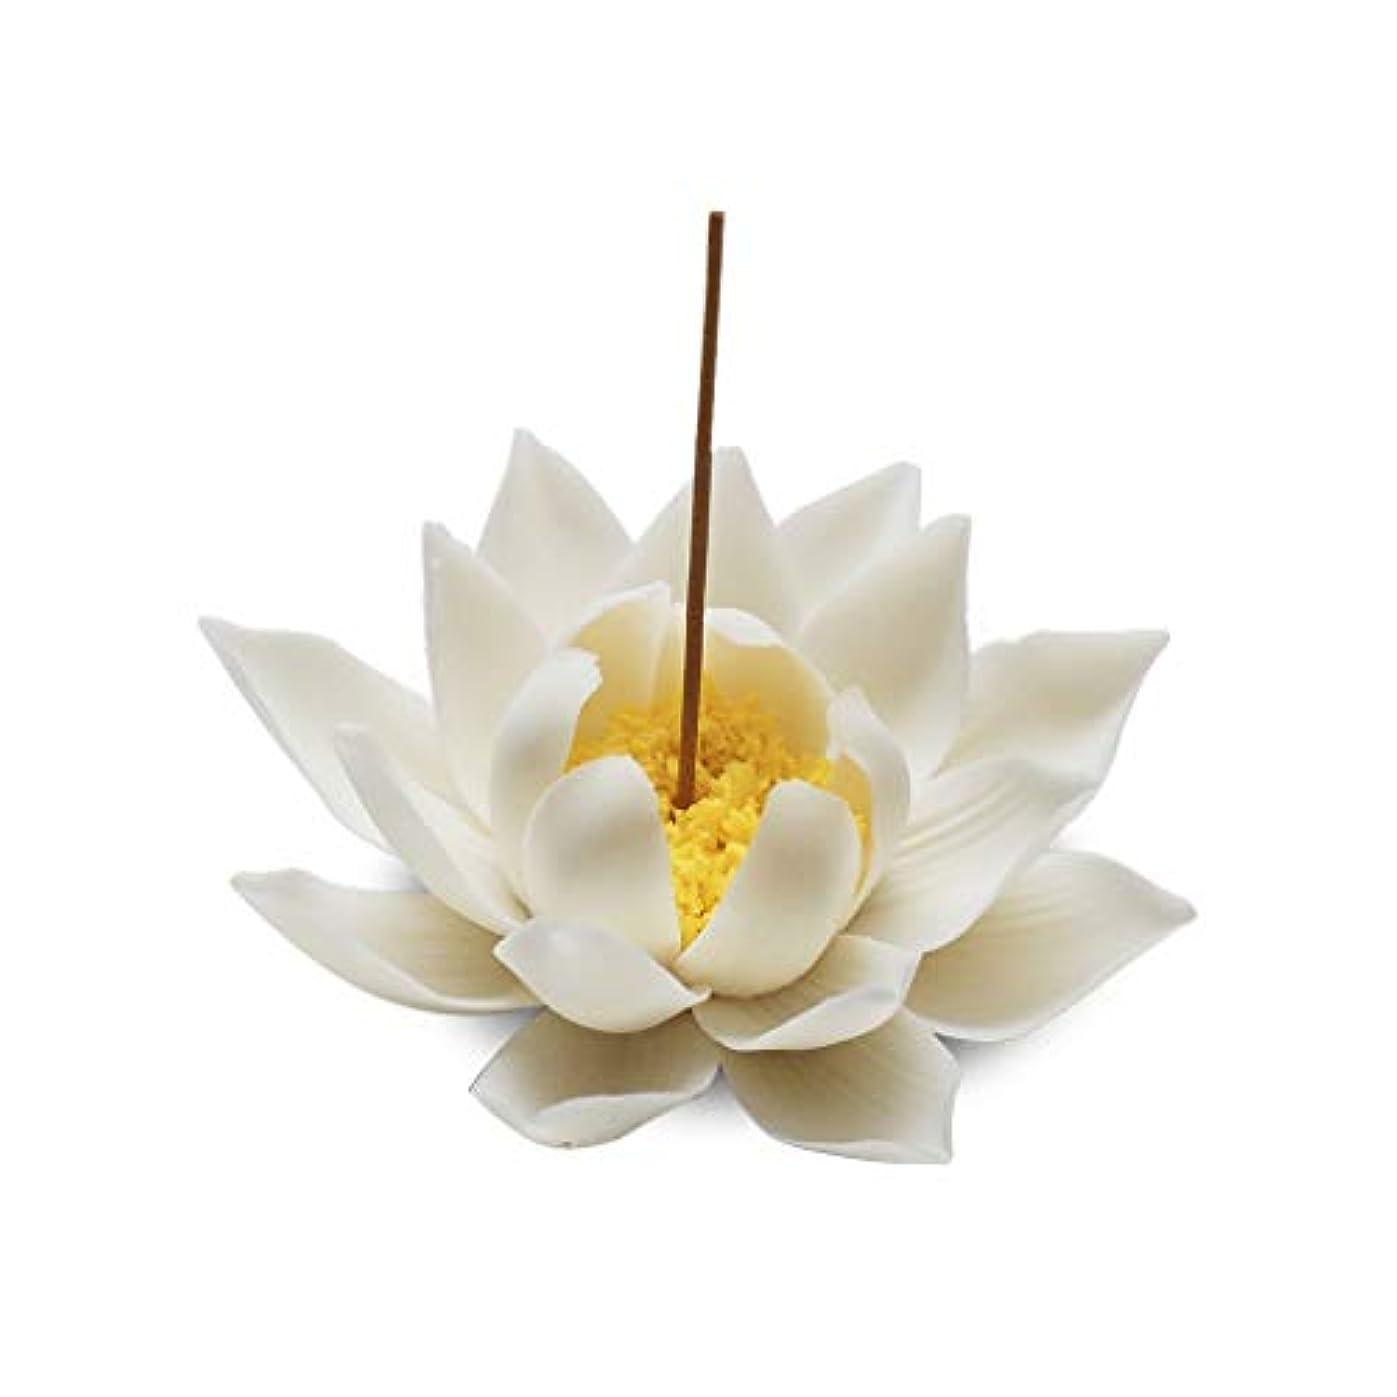 出演者三番雄大なセラミック蓮香バーナー家の装飾香スティックホルダー仏教アロマセラピー香炉ホームオフィス用 (Color : A)